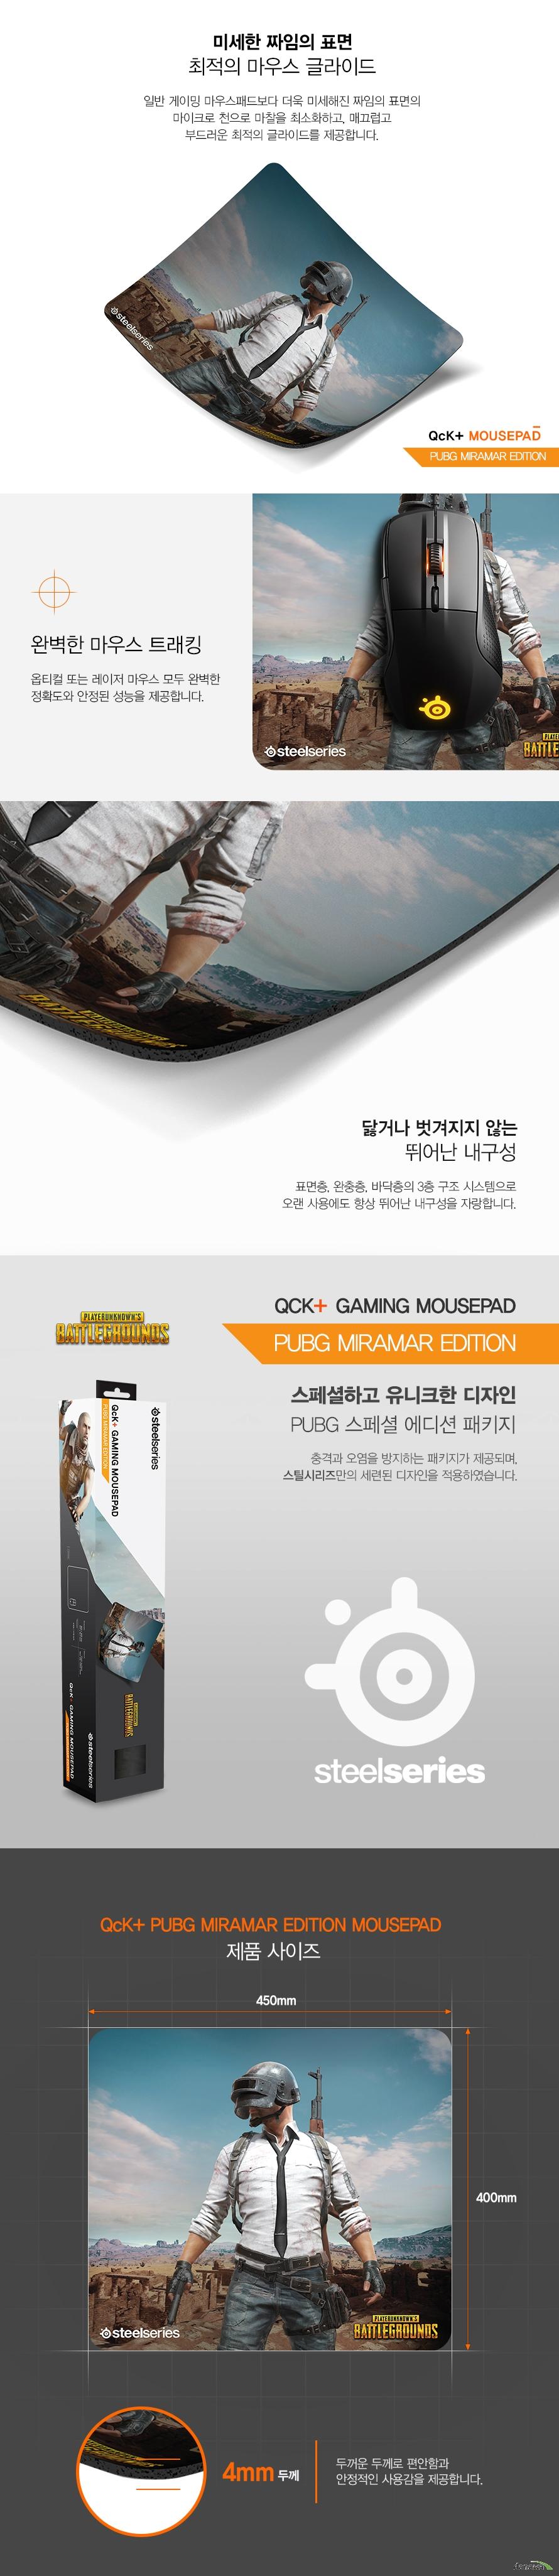 스틸시리즈  QCK+ PUBG Miramar Edition 게이밍 마우스 패드